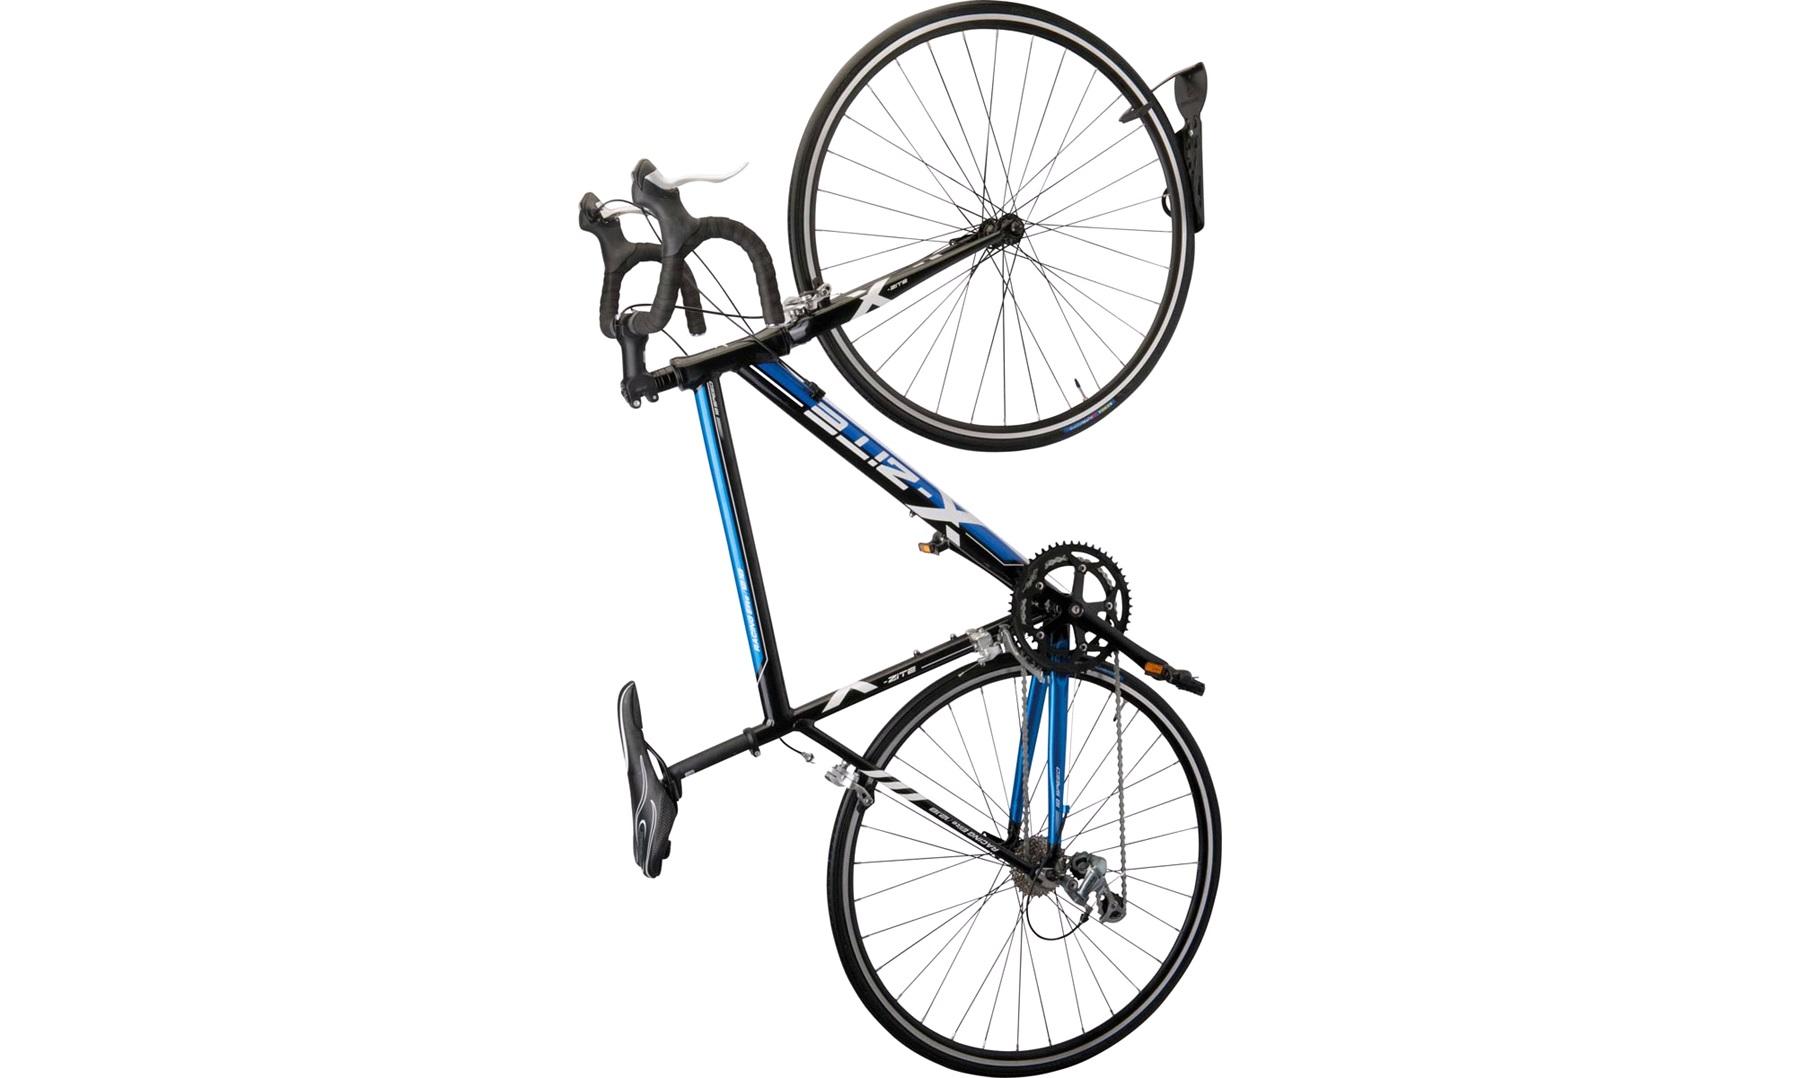 Forskellige Cykelholder til montering på væg lodret - Cykelophæng OE66